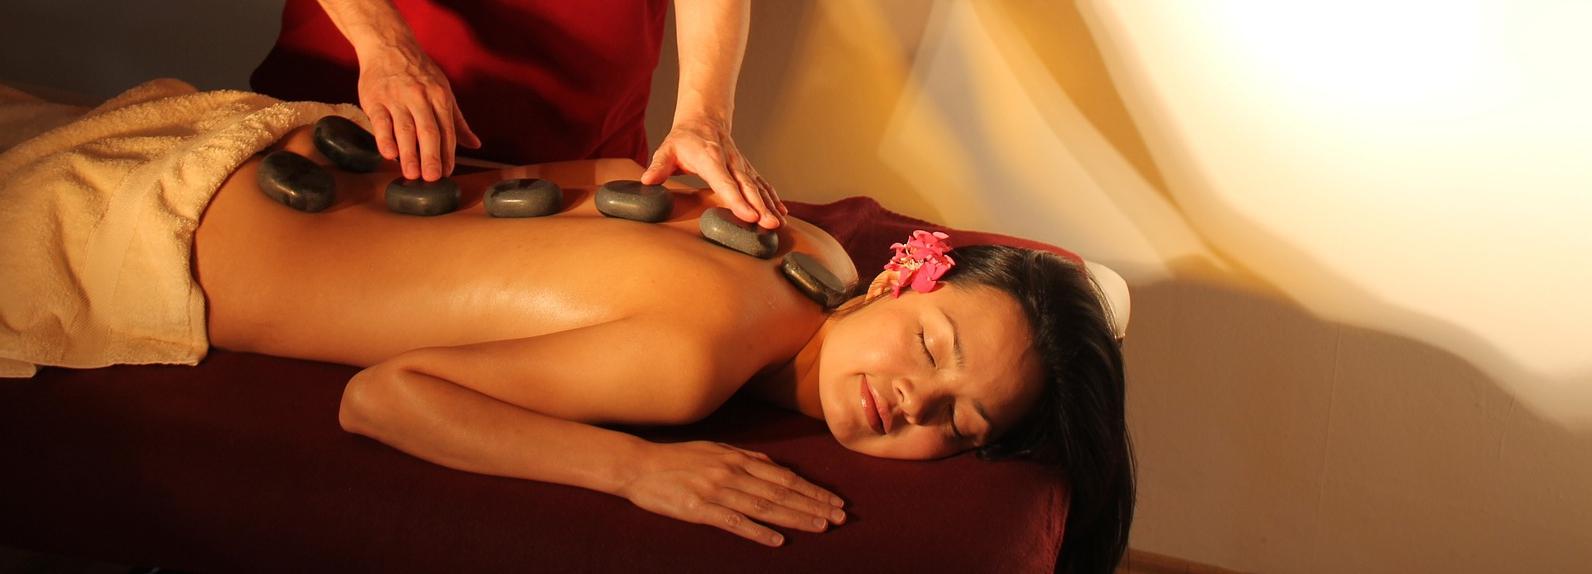 masaż nie tylko relaksuje, ale i leczy